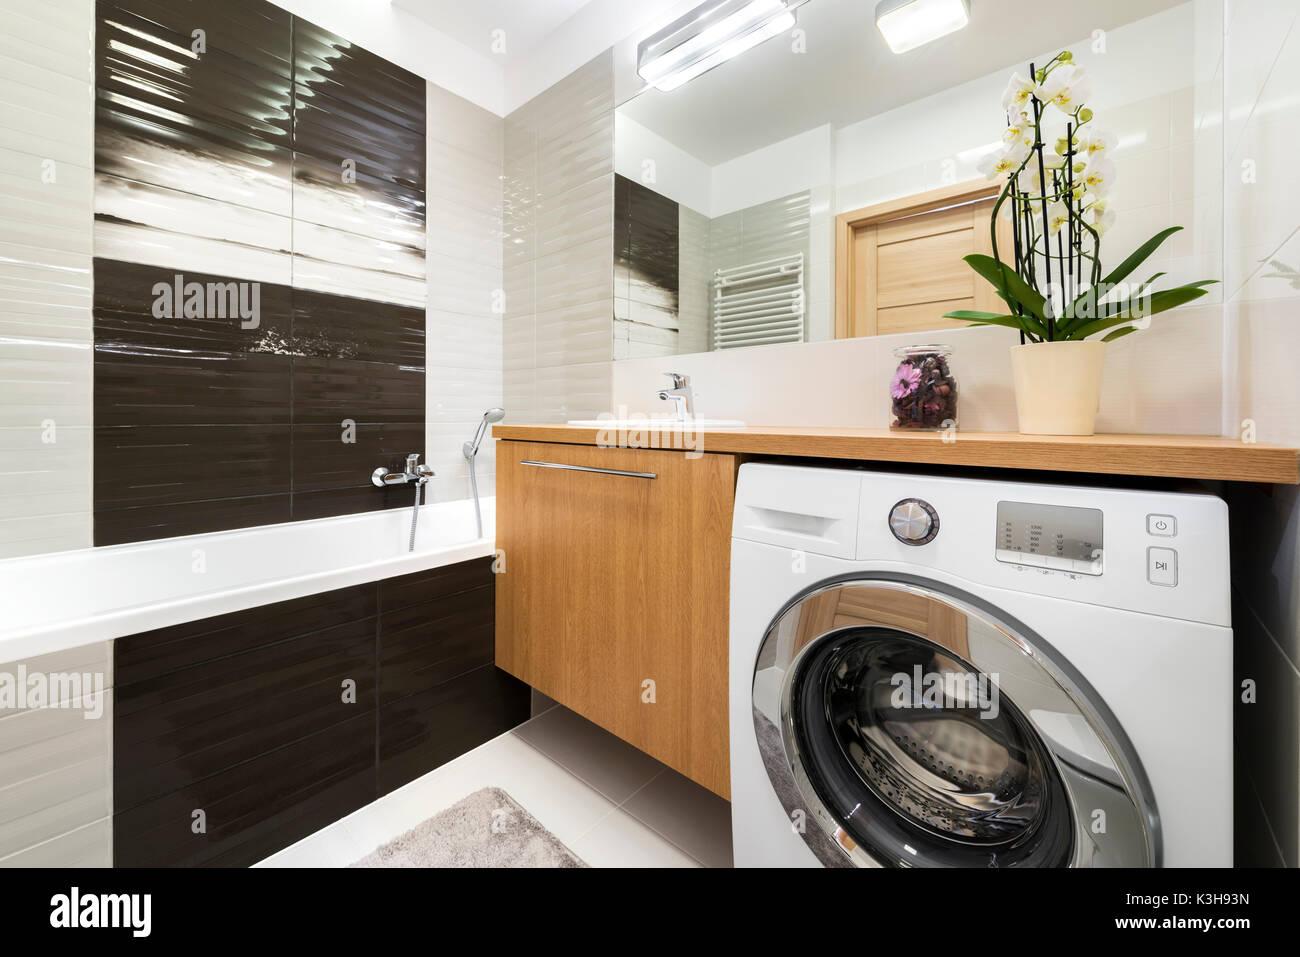 Modernes Badezimmer Innenausbau In Holz Und Grau Stockfoto Bild